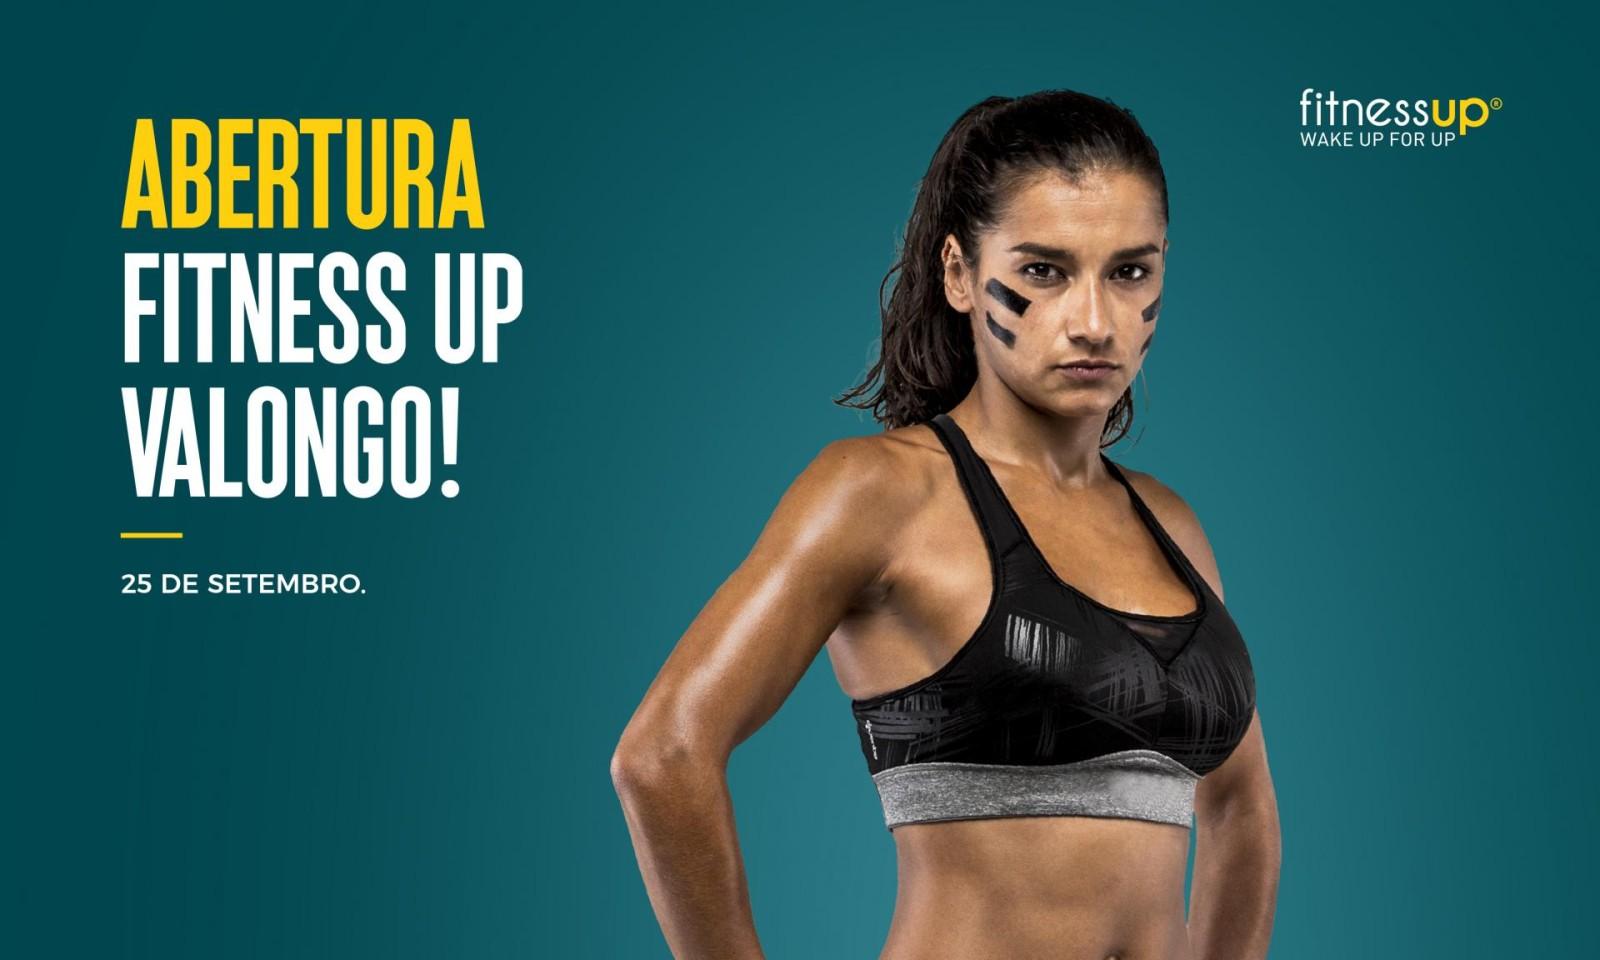 O Primeiro Fitness UP com Piscina Nasce em Valongo!